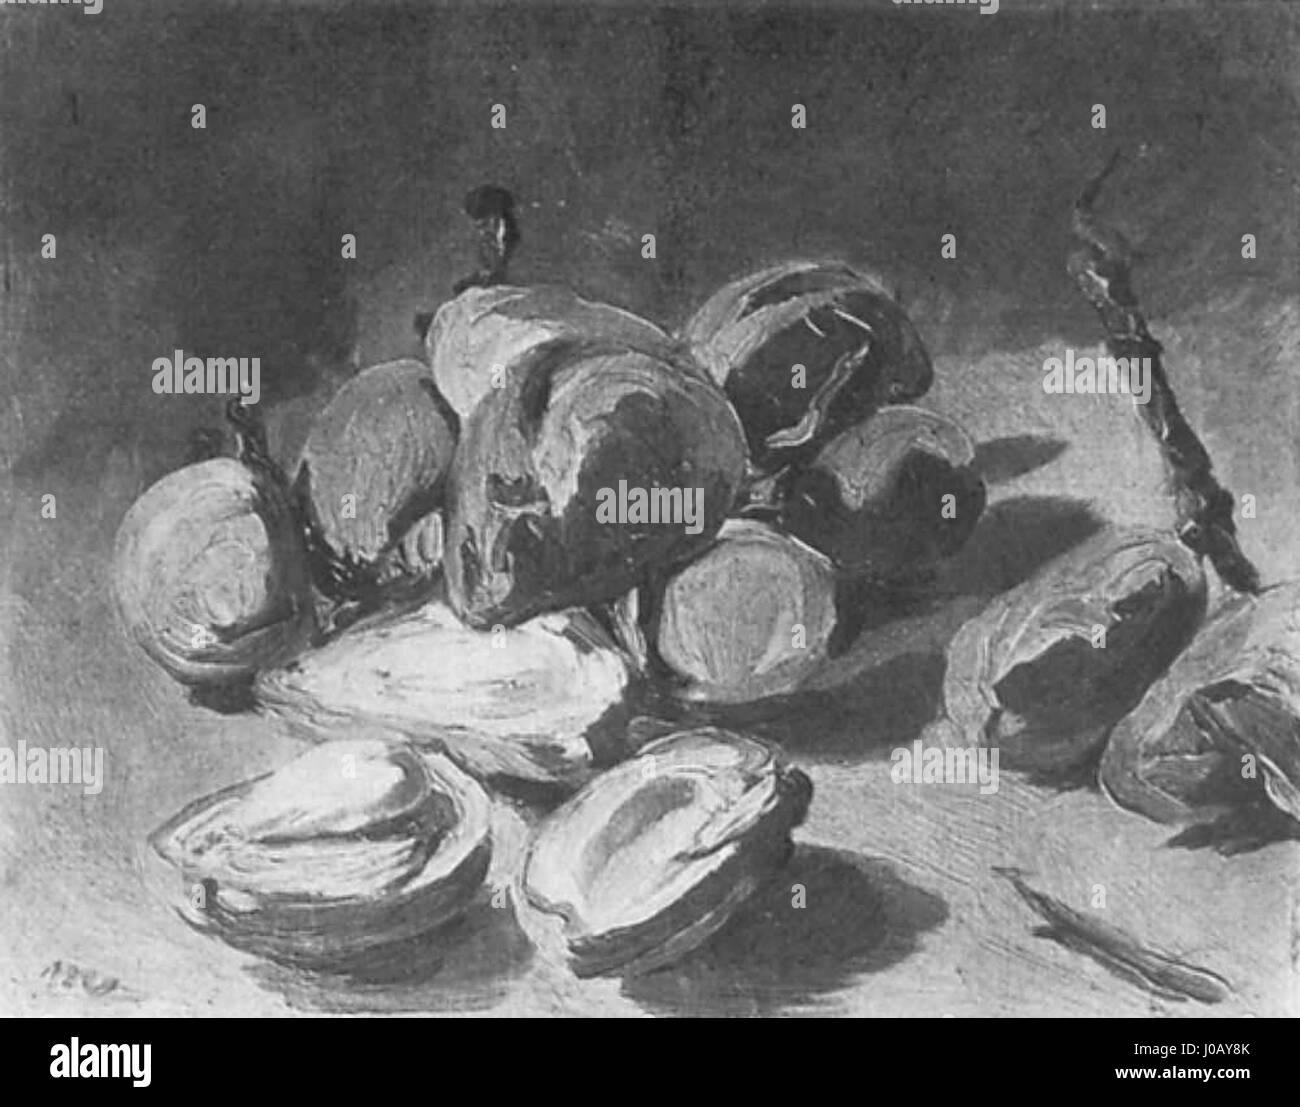 Édouard Manet - Nature morte, amandes vertes (RW 142) - Stock Image